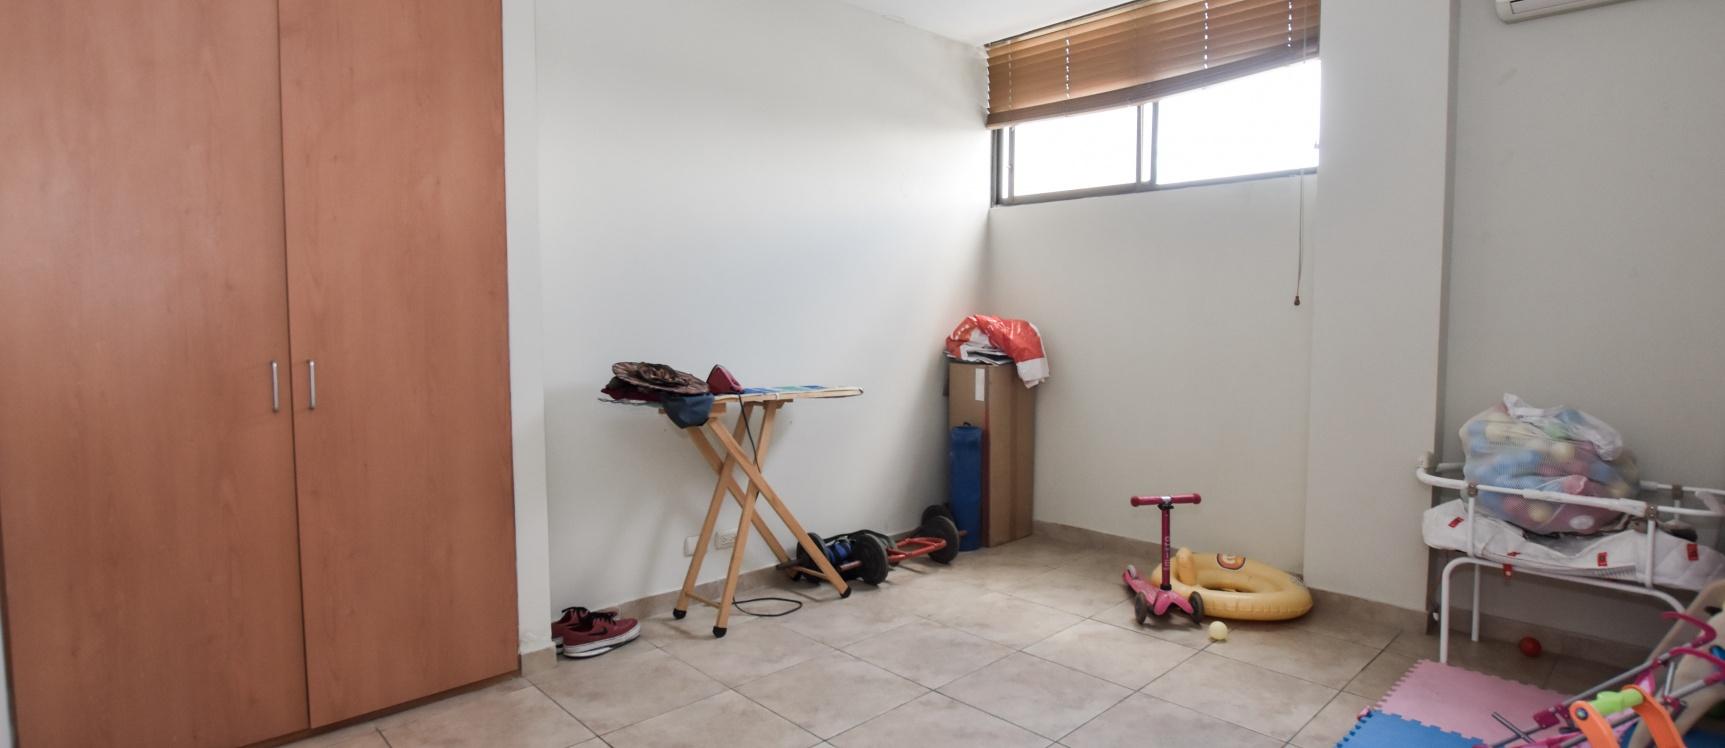 GeoBienes - Departamento en venta en Vía Samborondón - Sector Tornero - Plusvalia Guayaquil Casas de venta y alquiler Inmobiliaria Ecuador